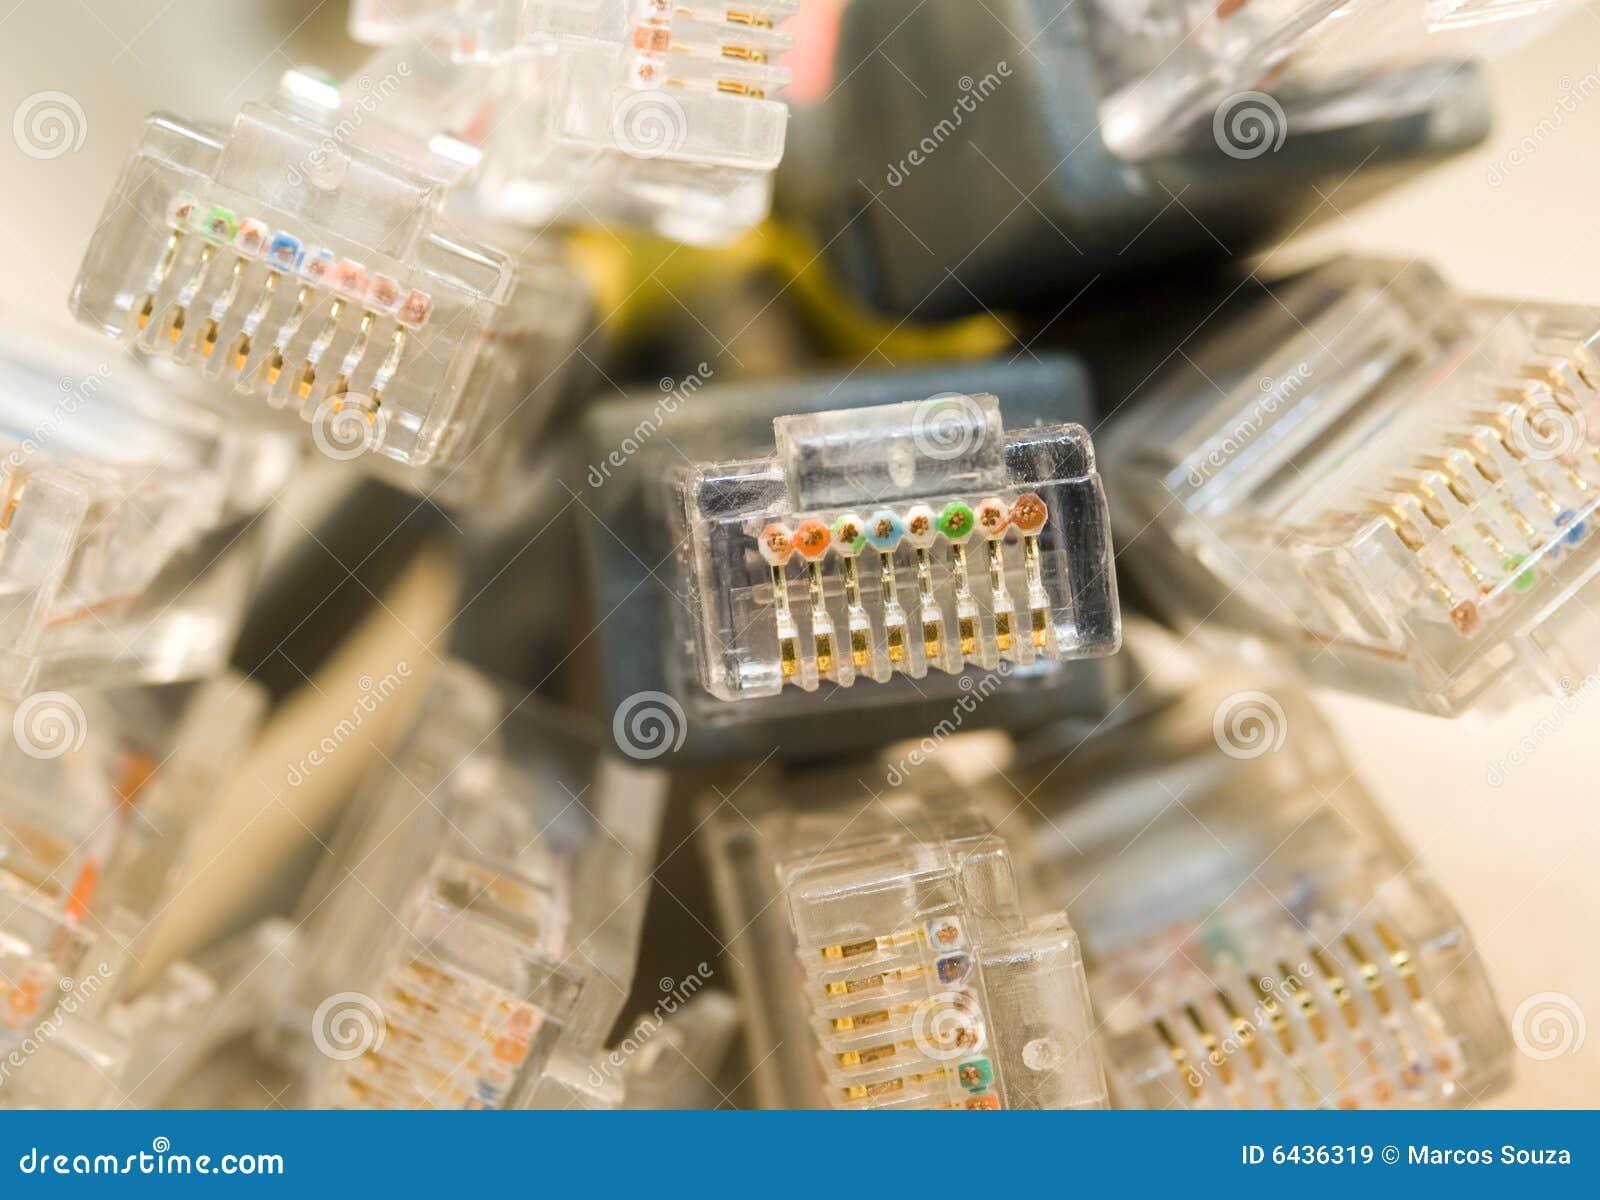 Voorzien van een netwerk royalty vrije stock afbeeldingen afbeelding 6436319 - Een wasruimte voorzien ...